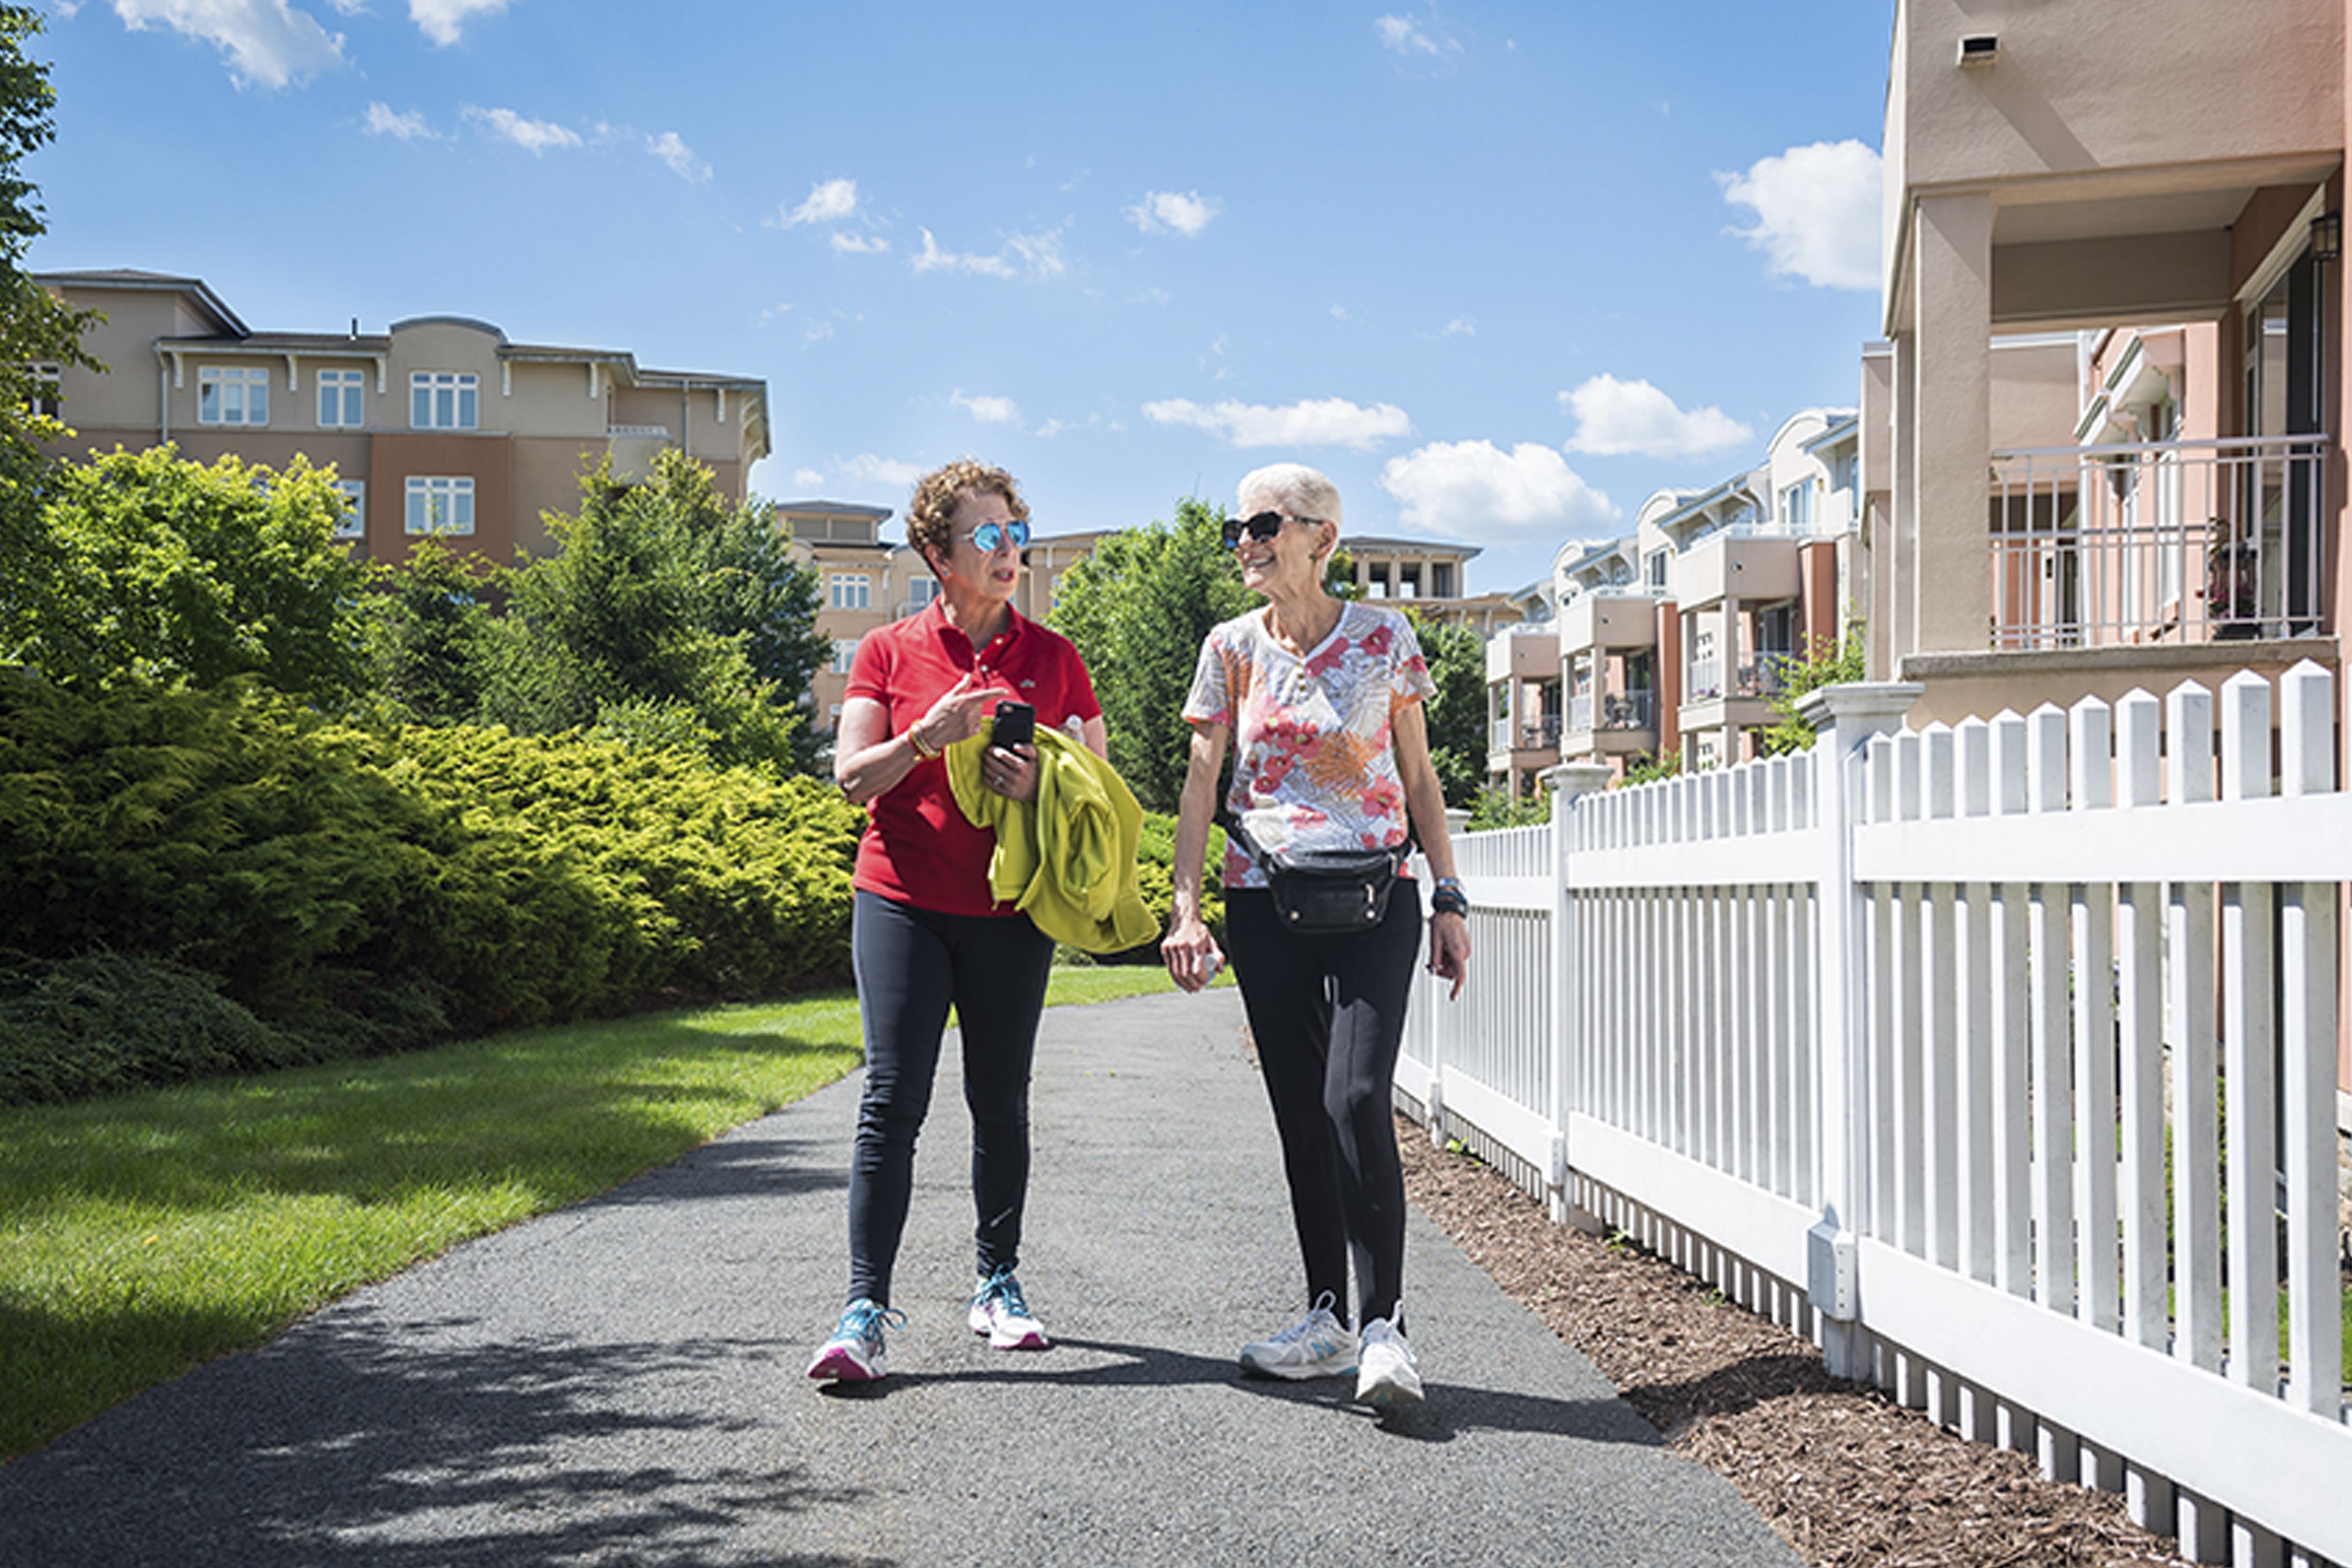 two older adult women walking